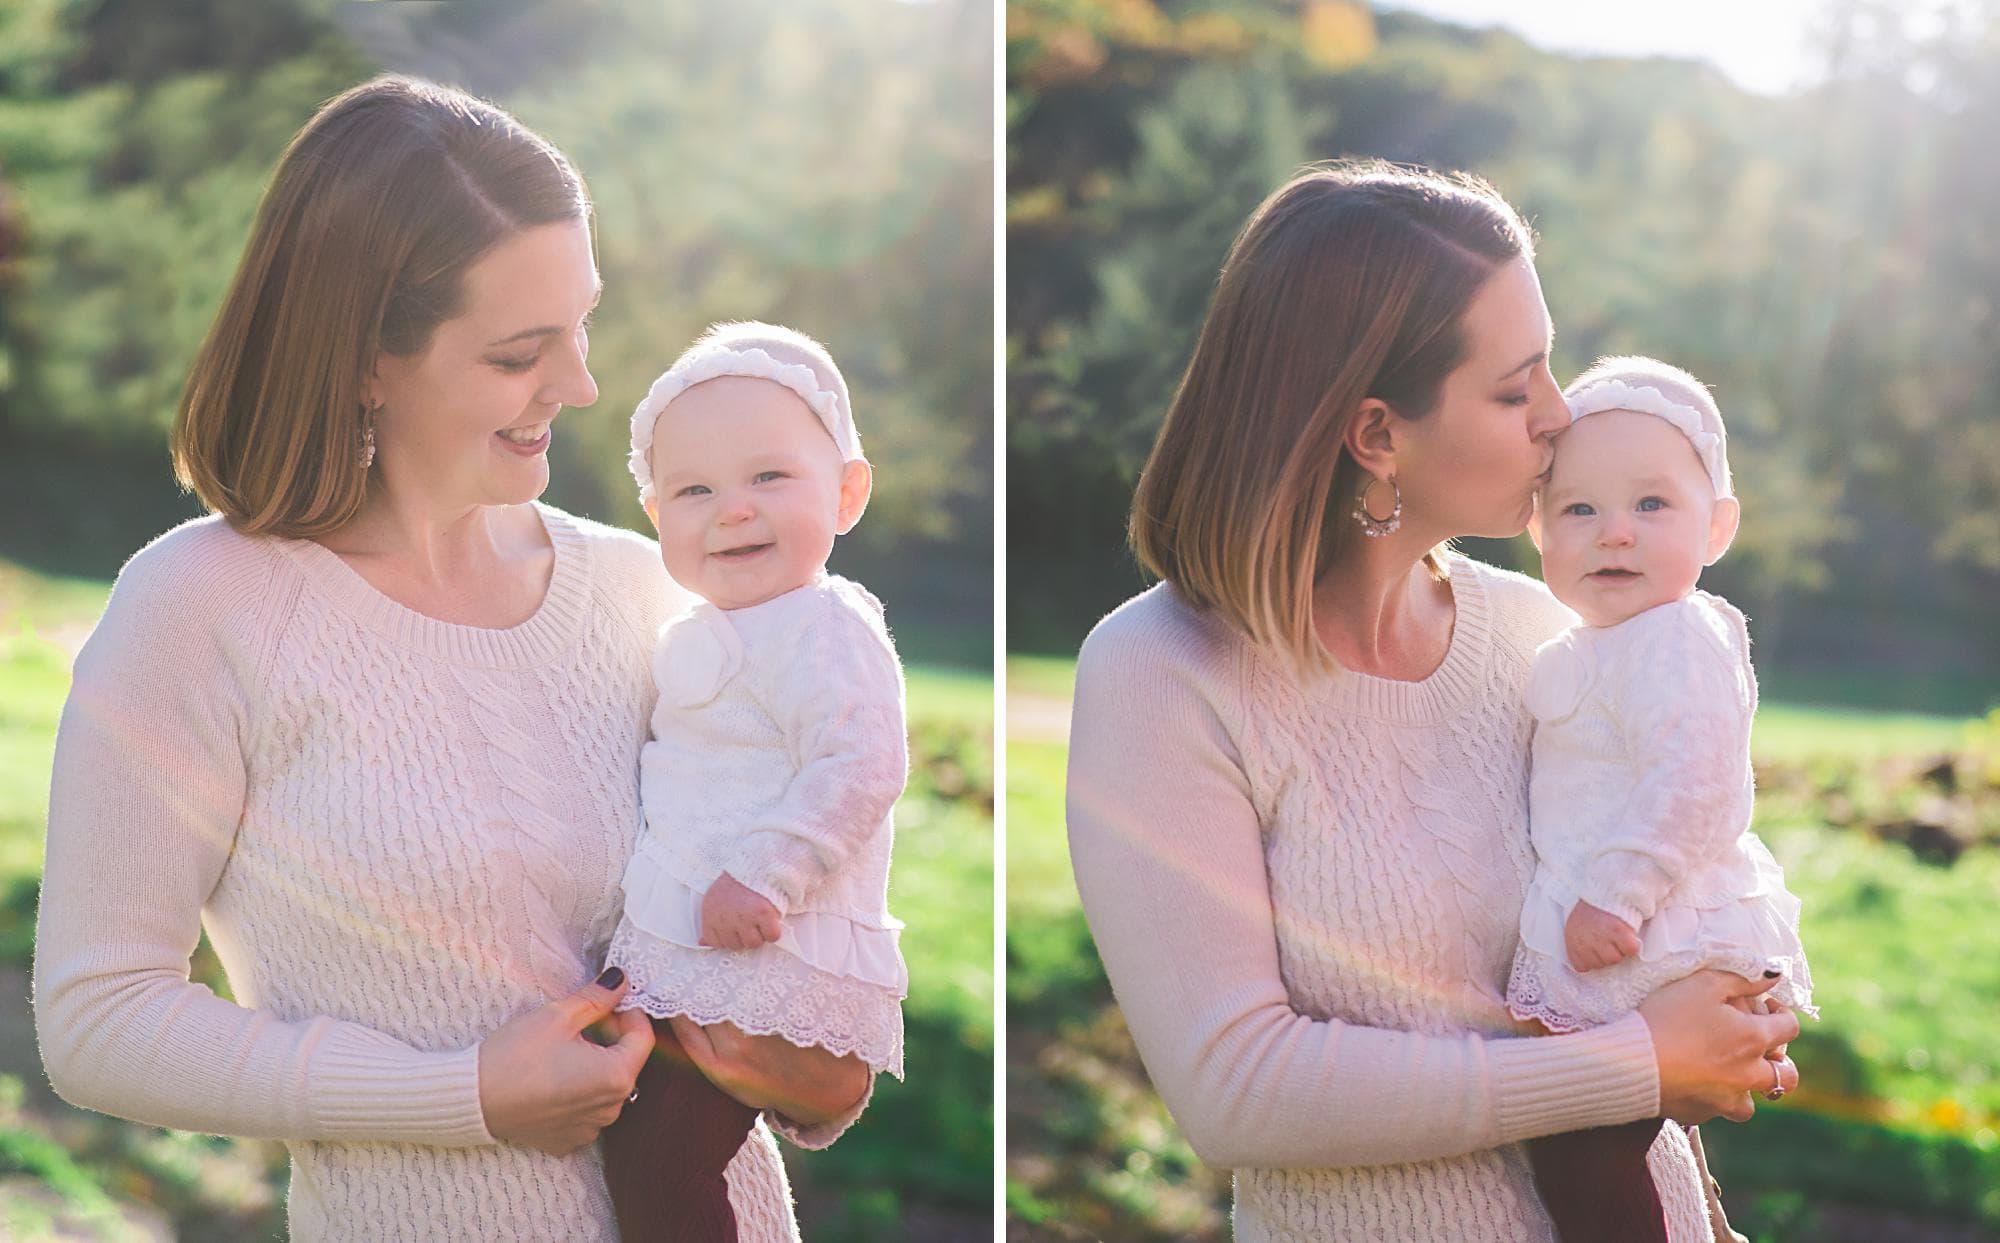 Mom kissing infant girl outside